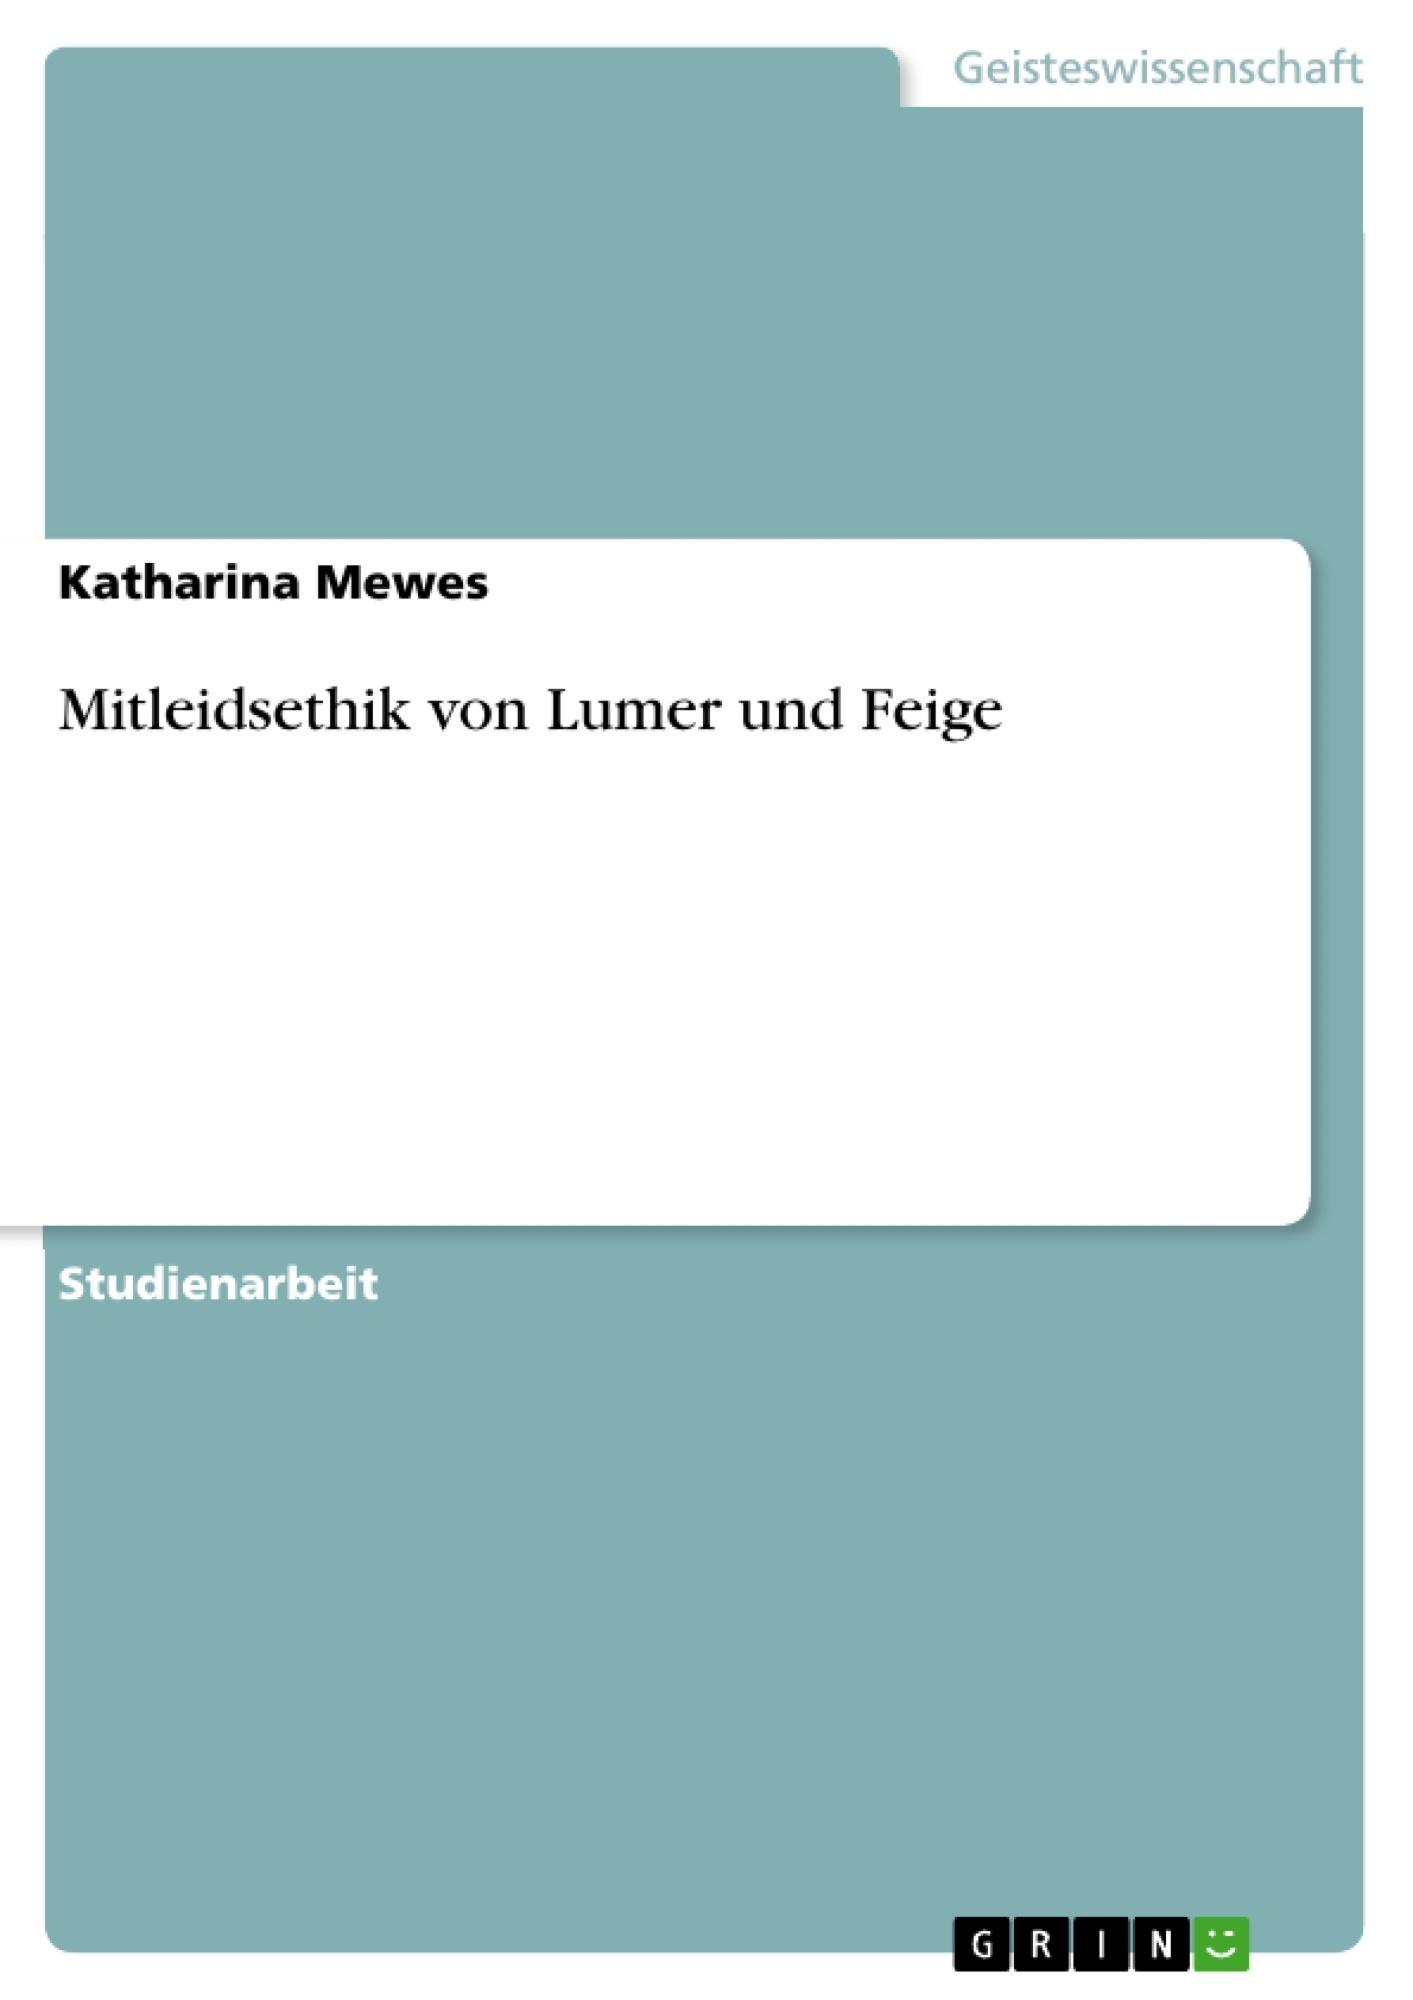 Titel: Mitleidsethik von Lumer und Feige